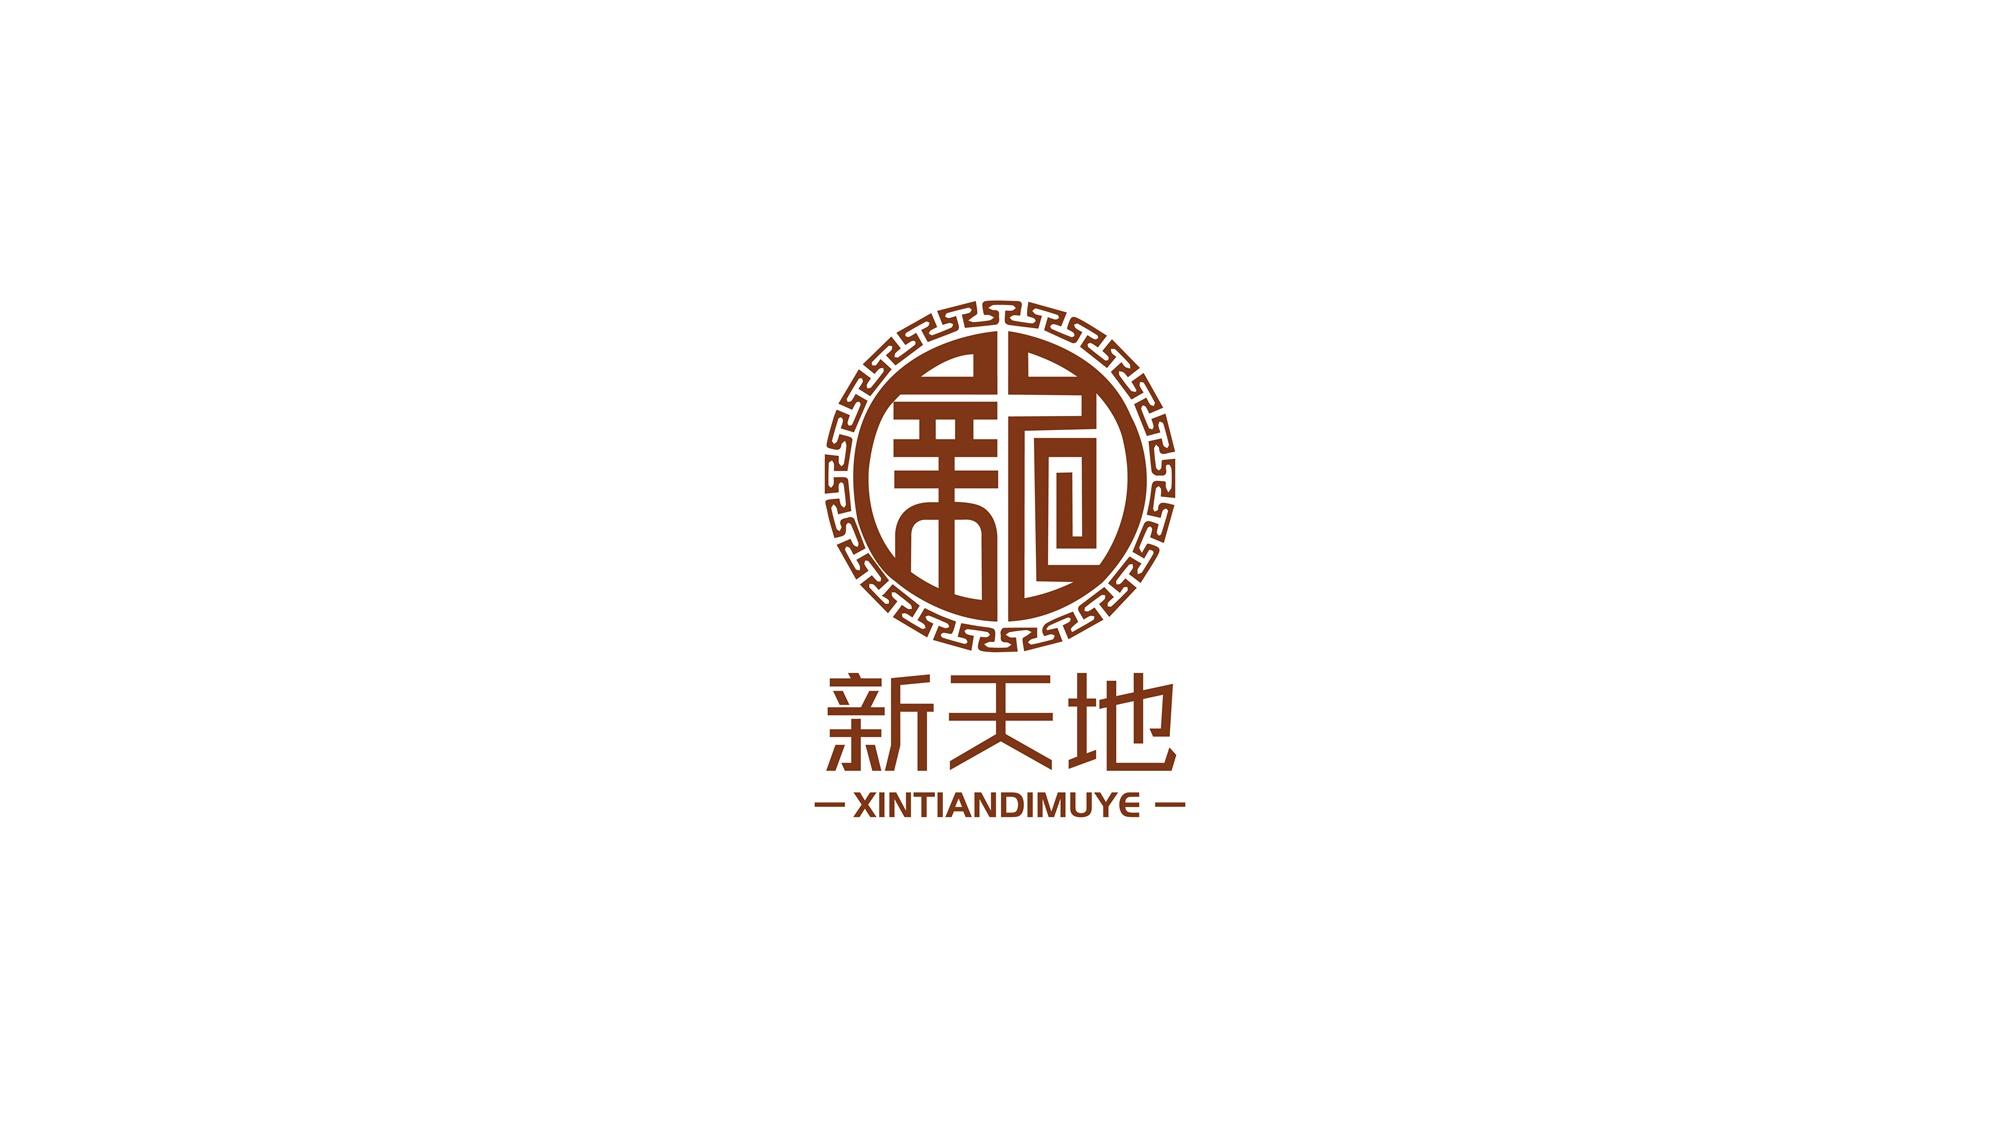 长春市新天地园艺景观有限公司1